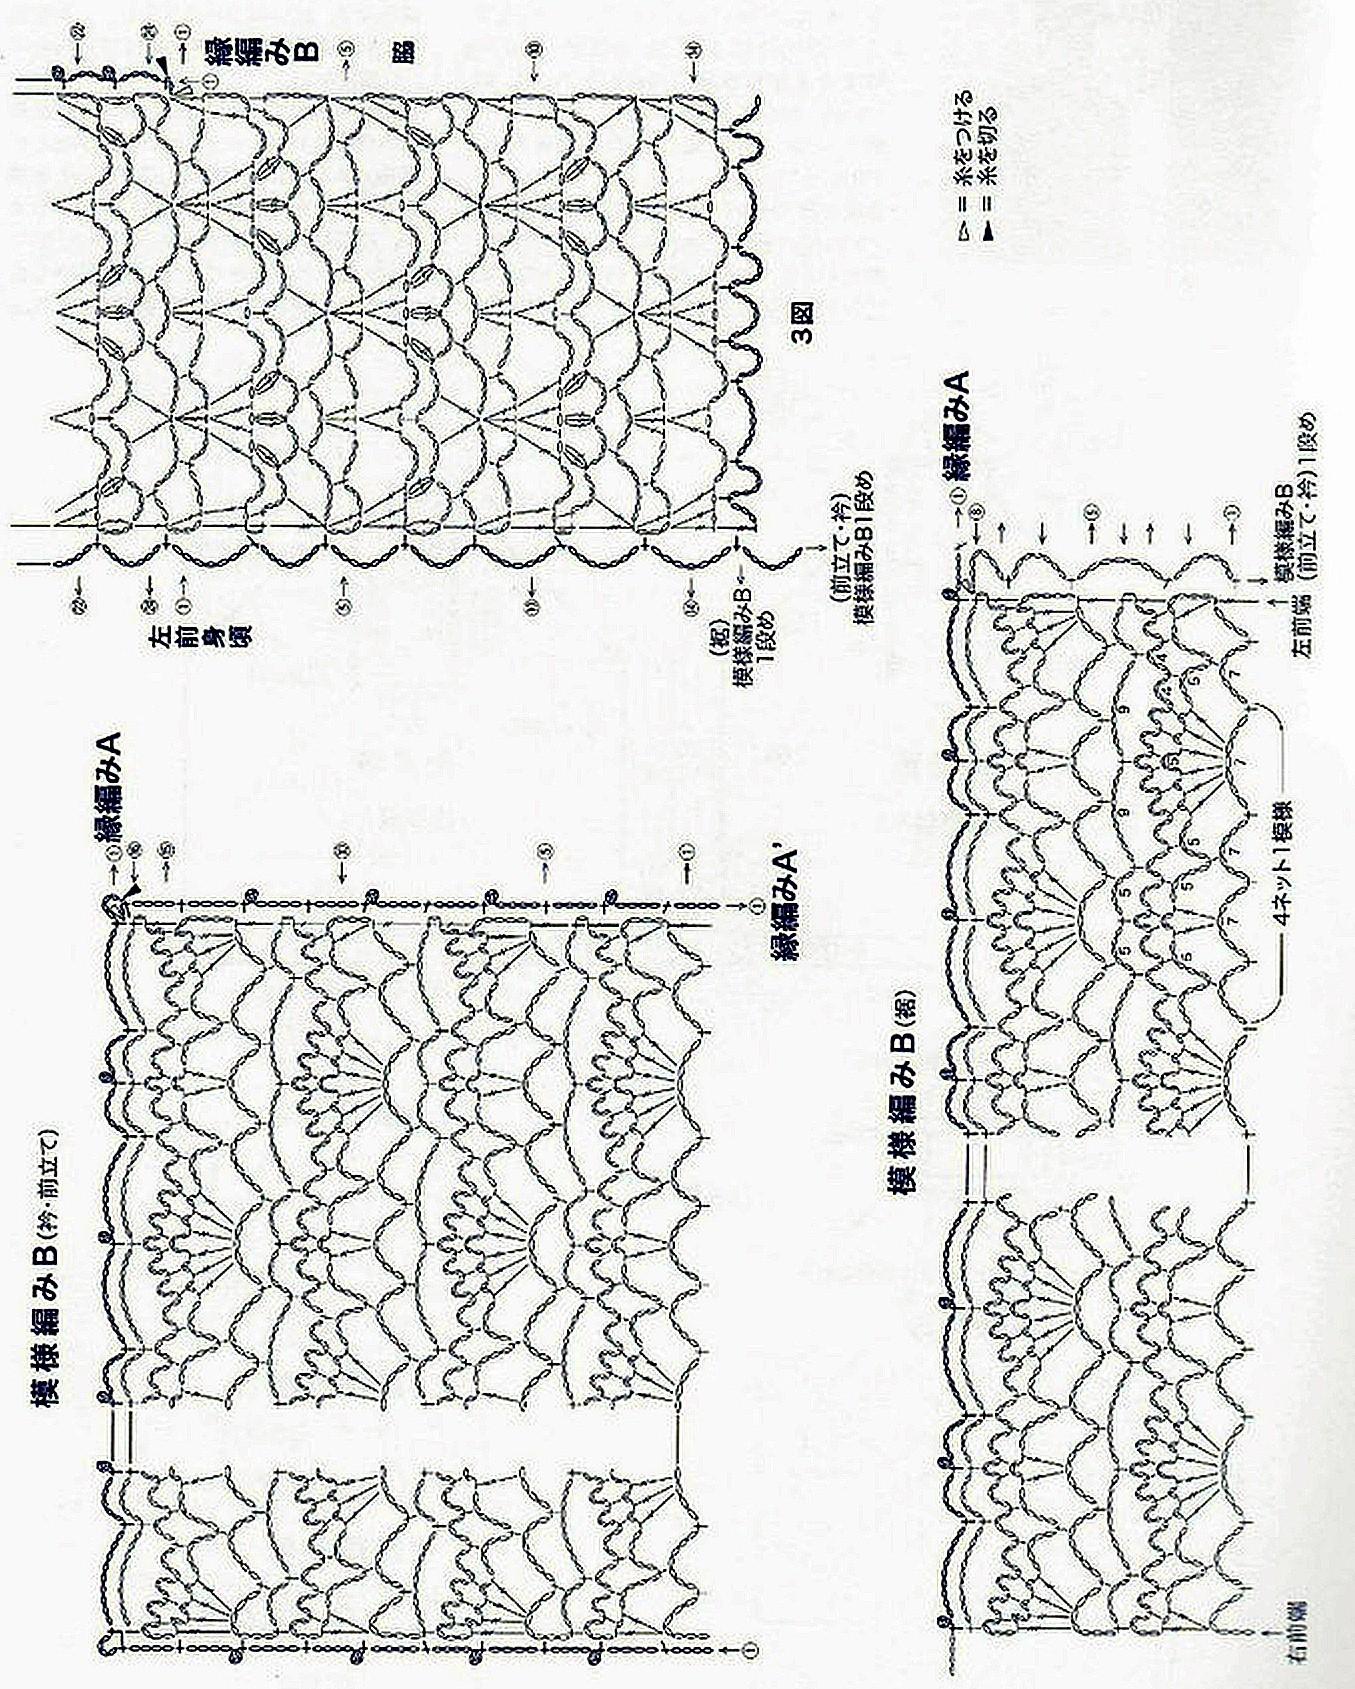 1084_lks80324 (37)